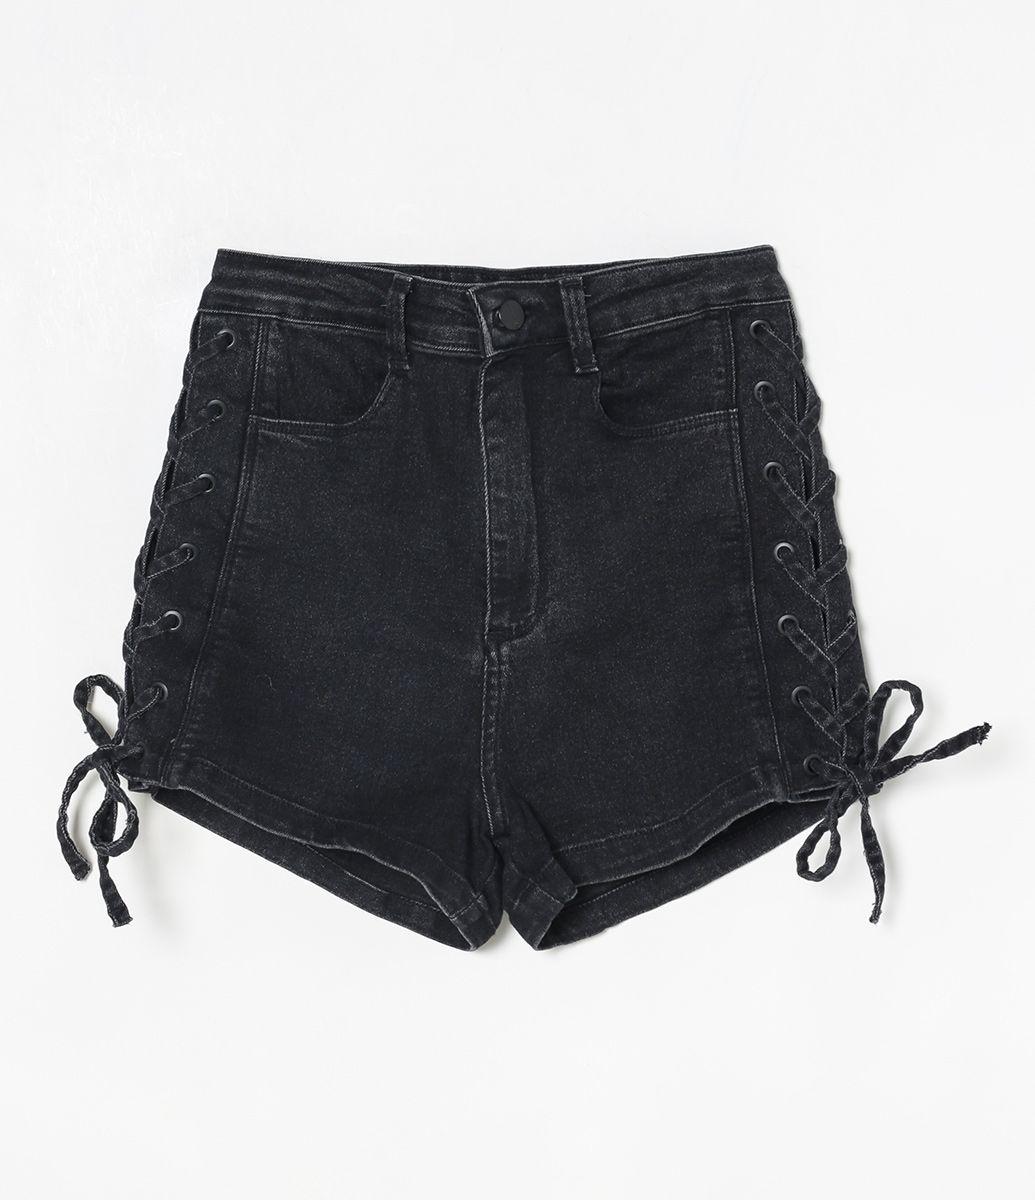 d4f00e941 Short feminino Cintura alta Com amarração Com ilhós Marca: Blue Steel  Tecido: jeans Composição: 81,5% agodão, 15% poliéster e 3,5% elastano  Modelo veste ...